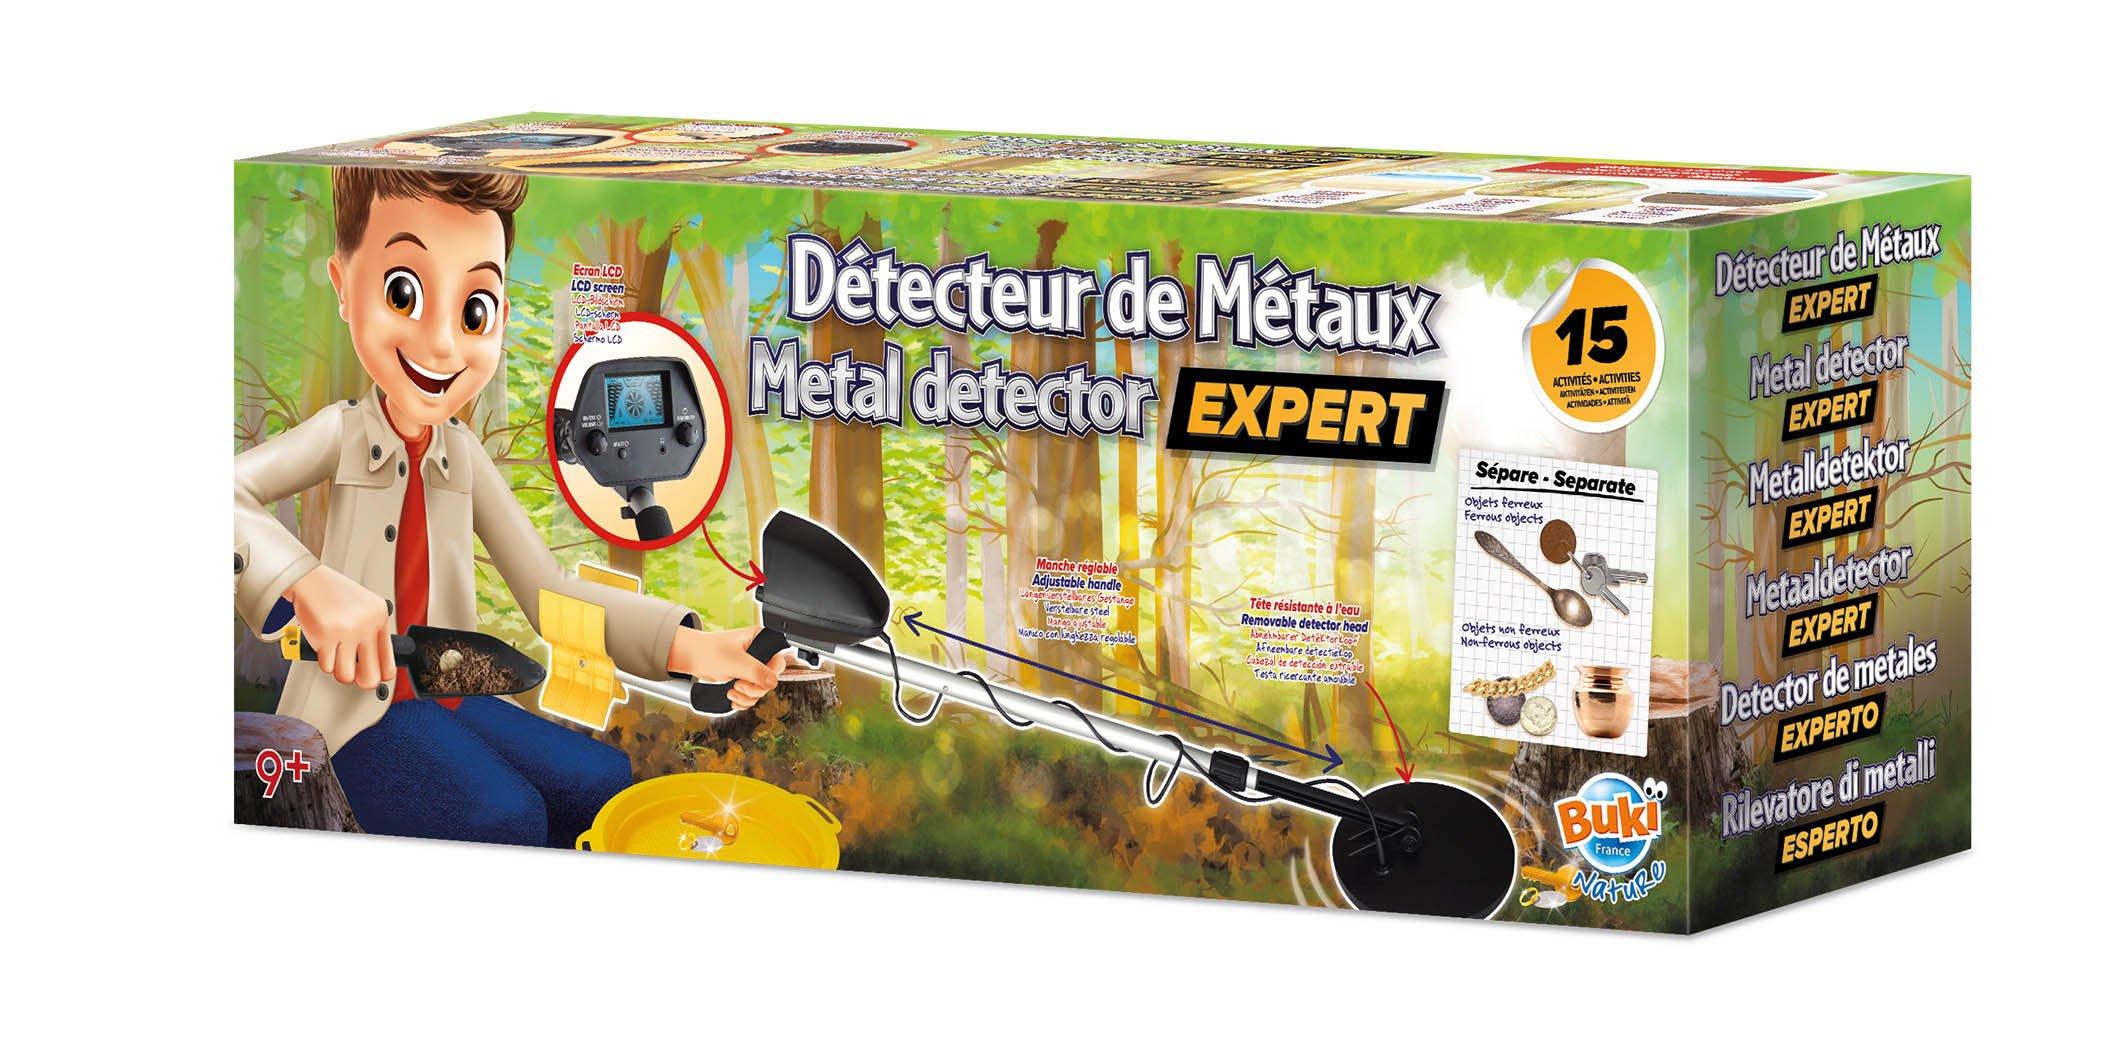 BUKI KTD2000 - Detector de Metales Experto product image